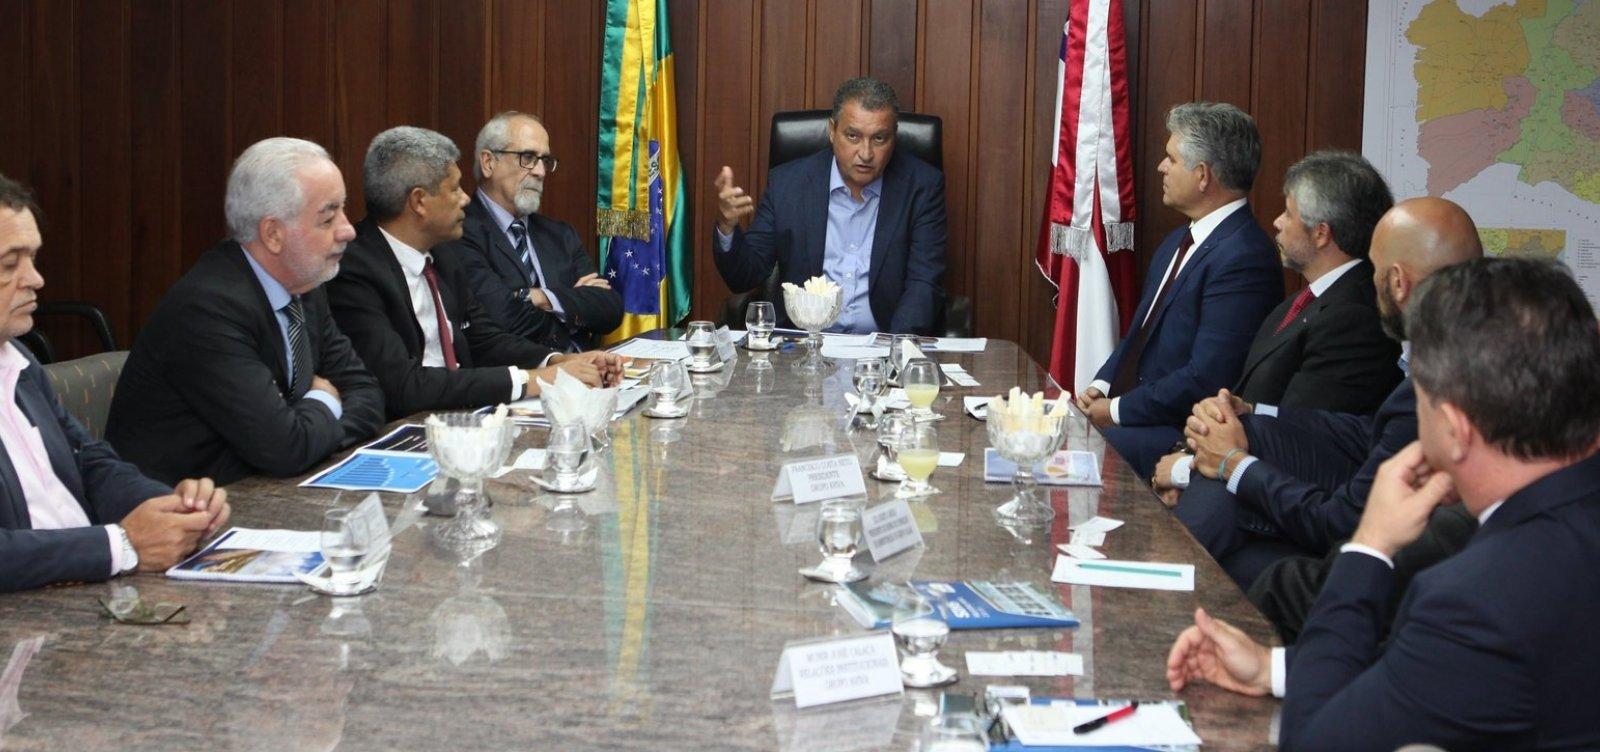 Governo fará encontro com prefeitos e secretários de Turismo de cidades baianas